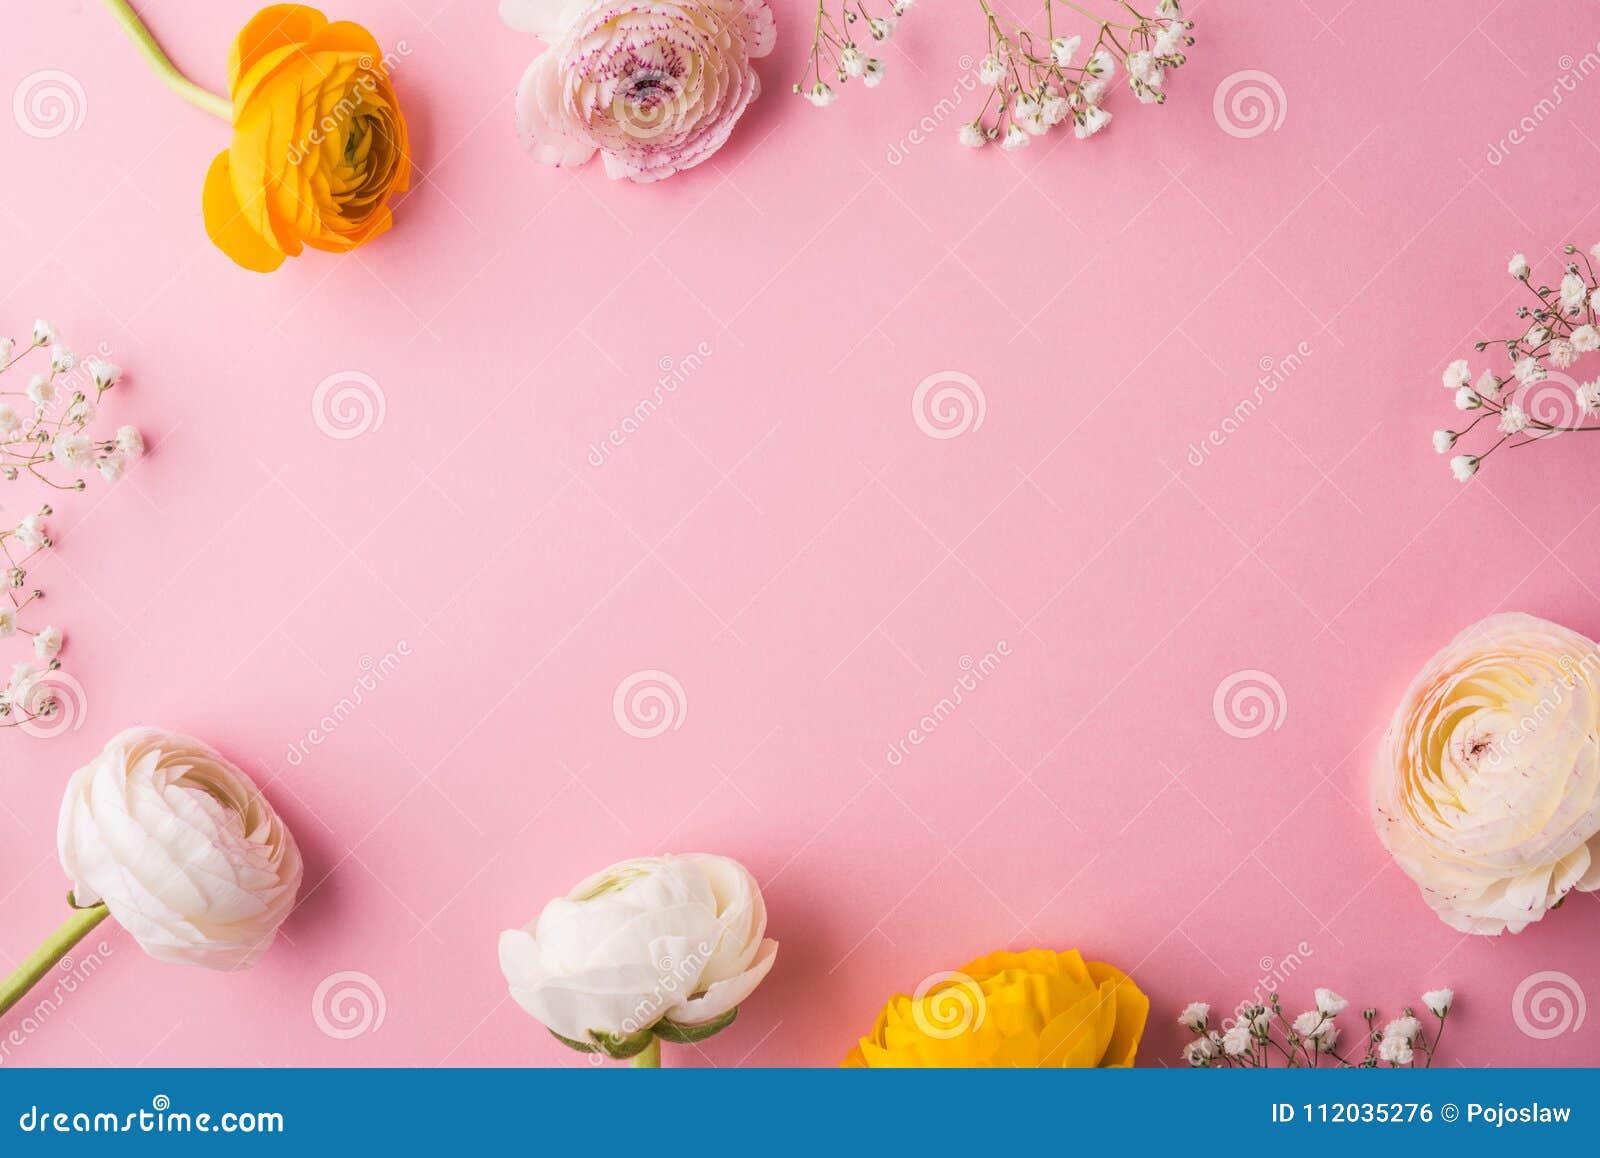 Wielkanocy i wiosny mieszkanie kłaść na różowym tle